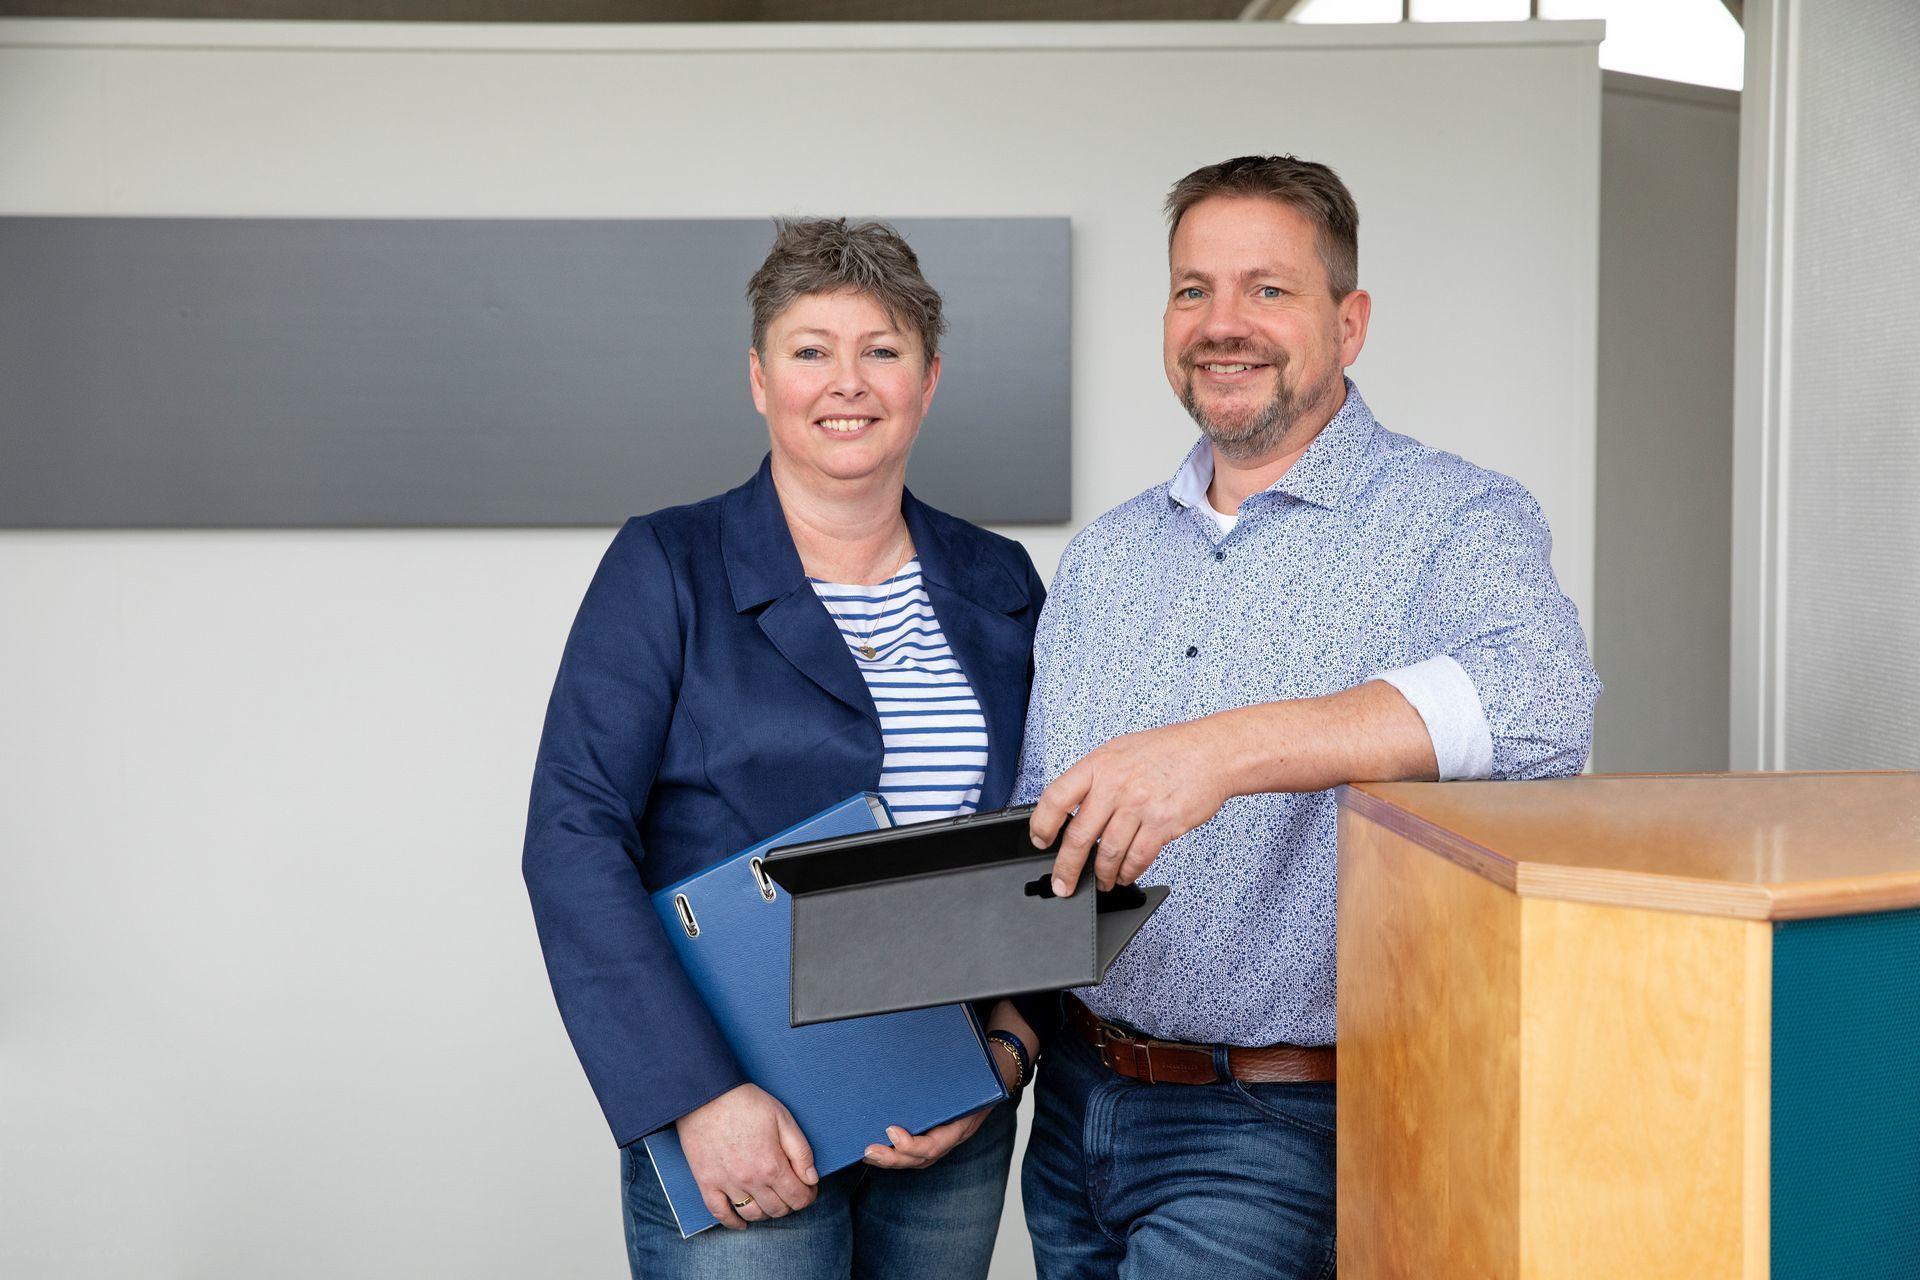 Administratiekantoor Beilen: professionele ondersteuning